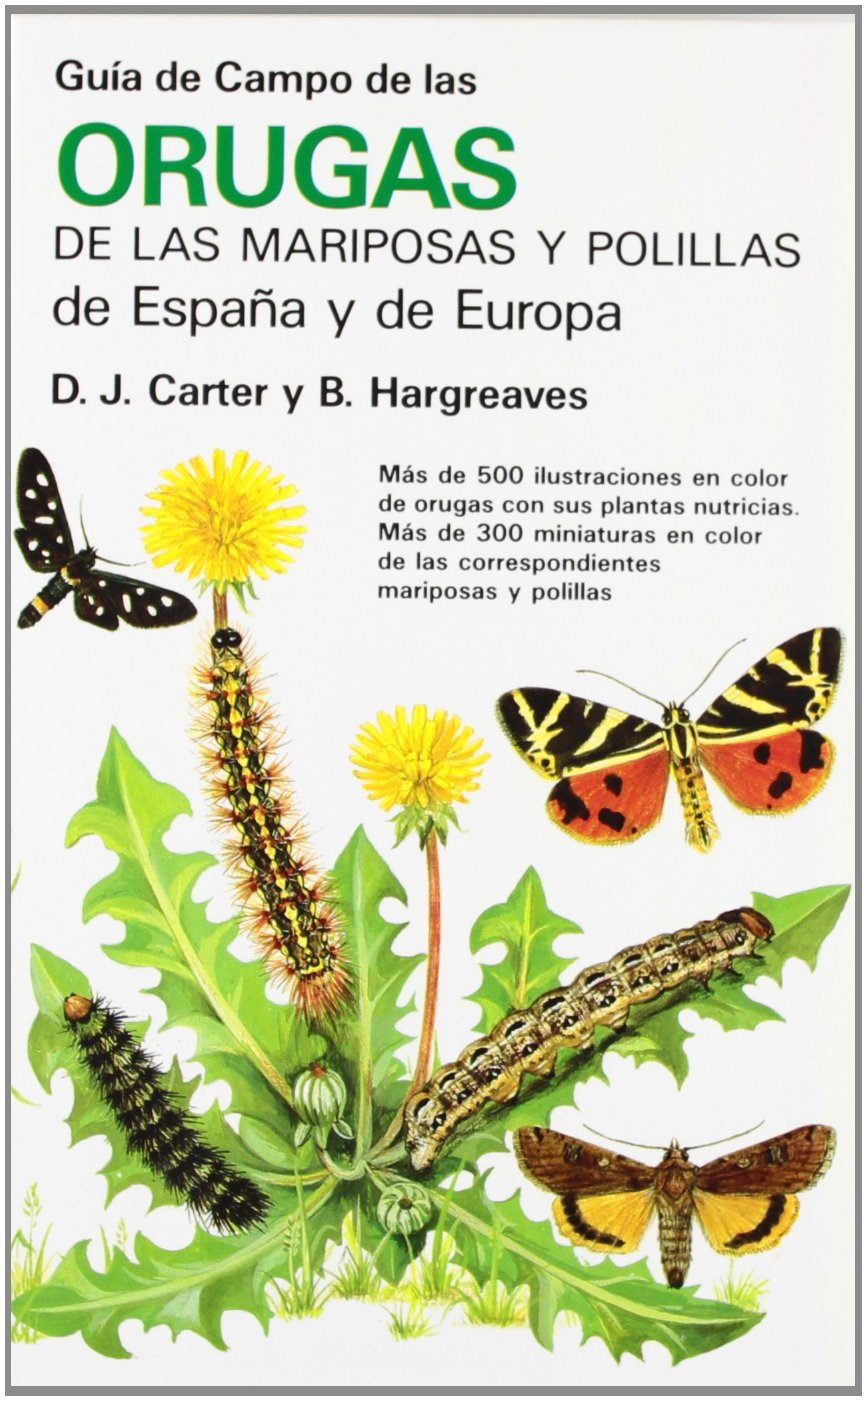 GUIA CAMPO ORUGAS DE MARIPOSAS Y POLILL. GUIAS DEL NATURALISTA-INSECTOS Y ARACNIDOS: Amazon.es: Carter, David J., Hargreaves, Bria: Libros